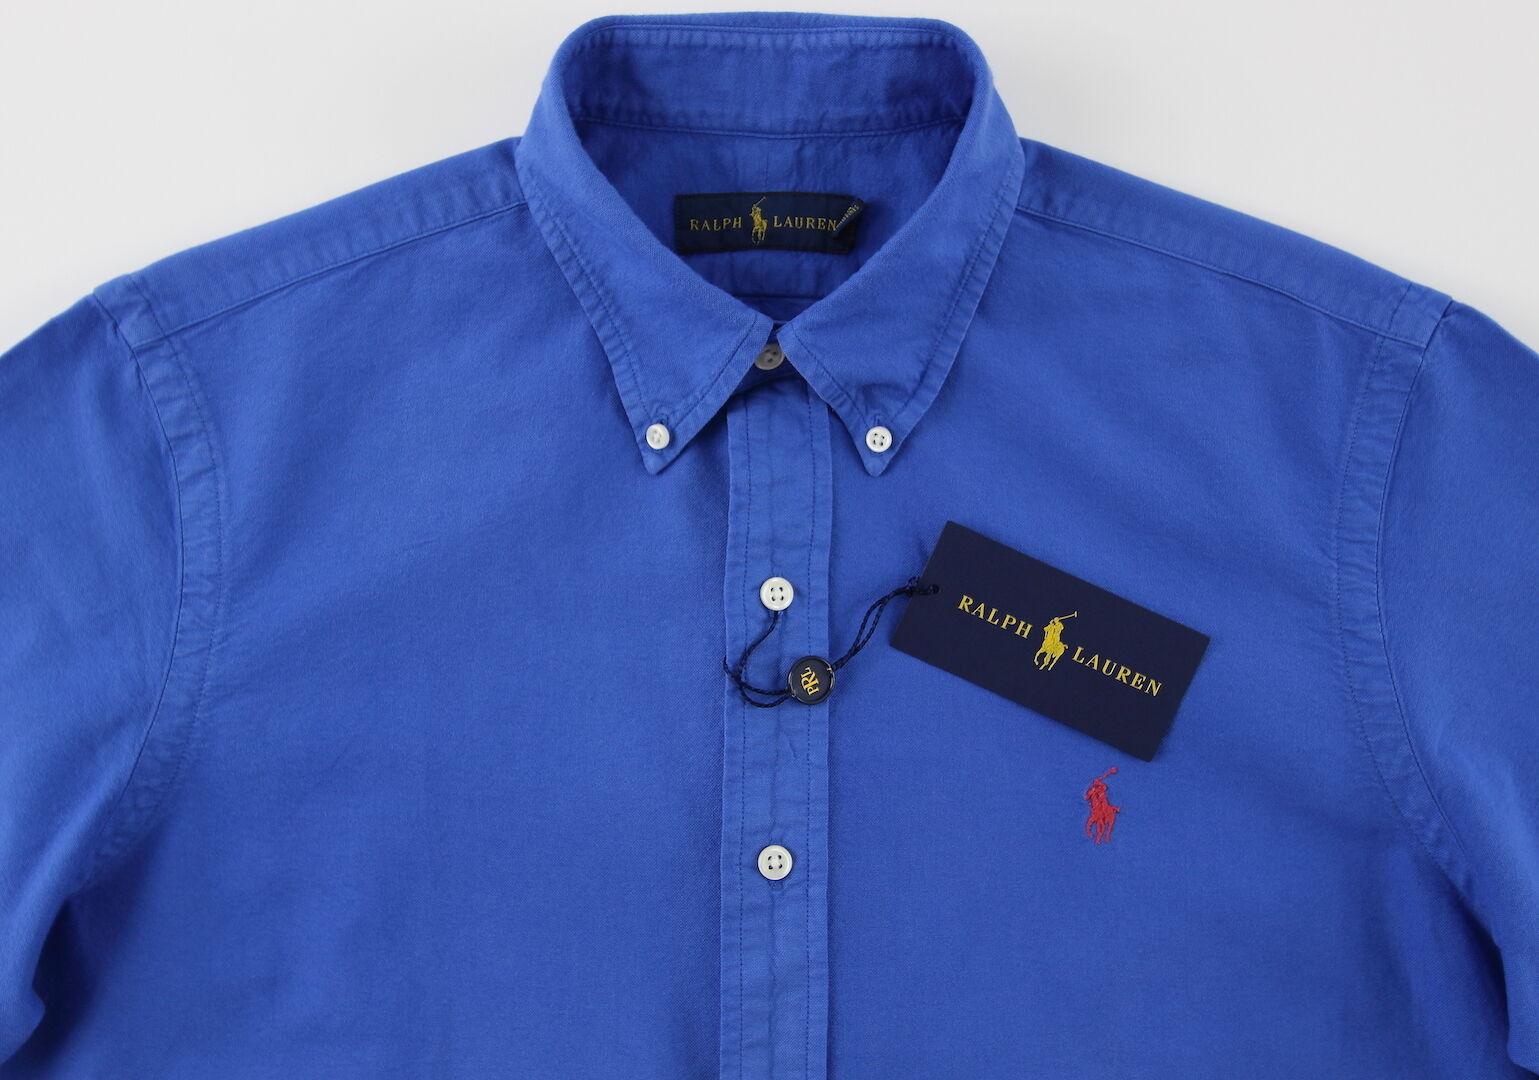 Men's RALPH LAUREN Marine Spectrum bluee Short Sleeve S S Shirt XLarge XL NWT NEW